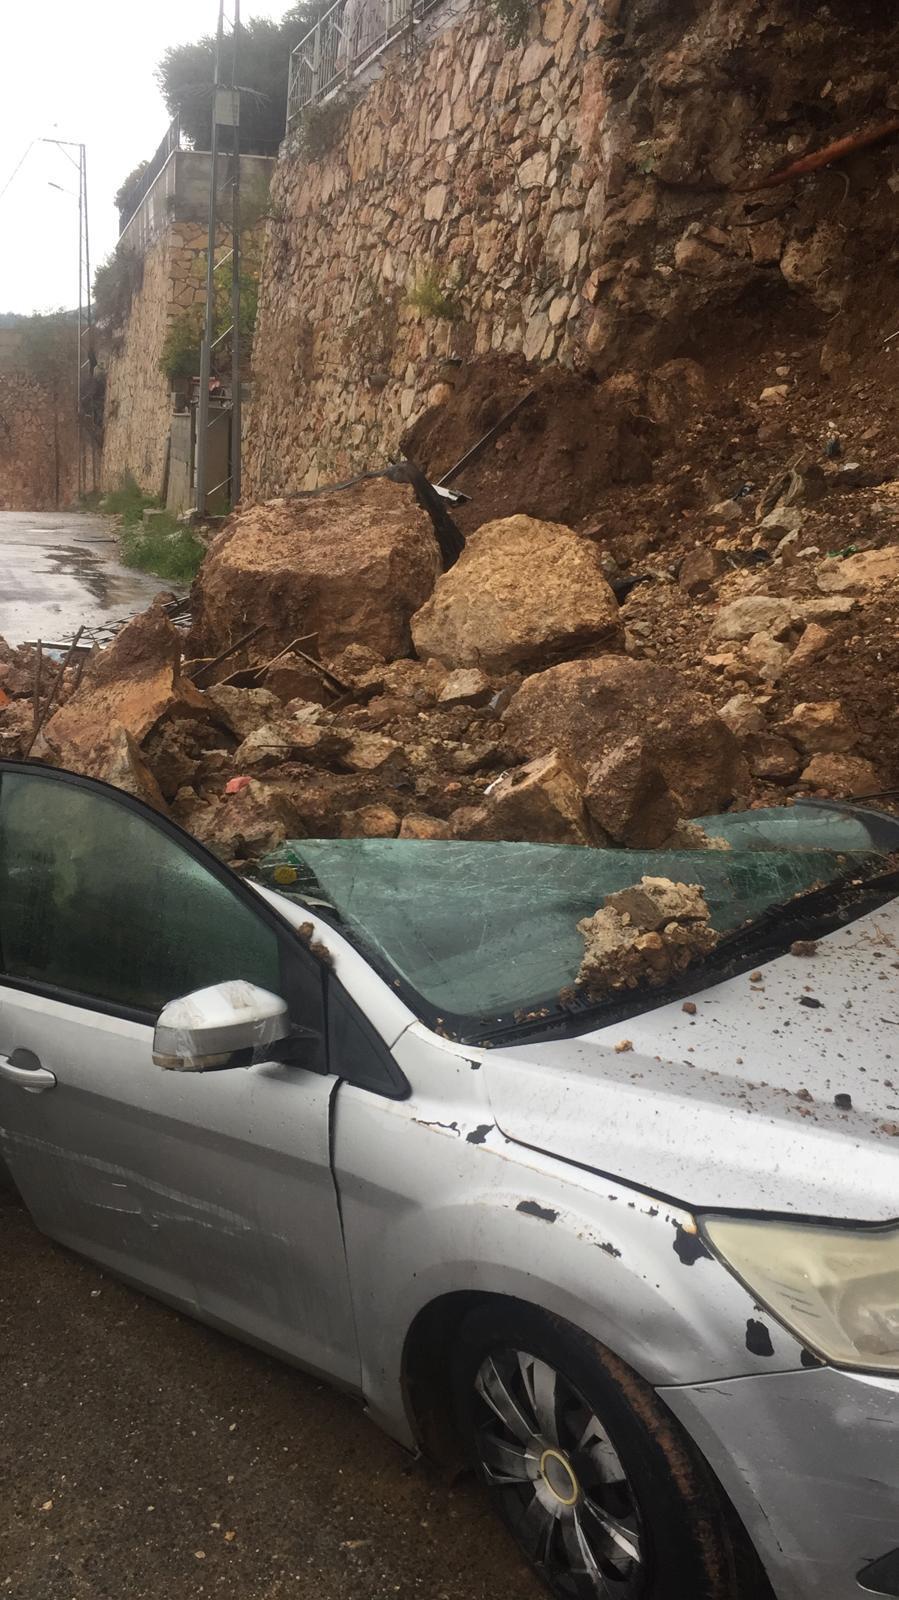 انهيار جدار على سيارة بفعل الأمطار الغزيرة في كفر مندا